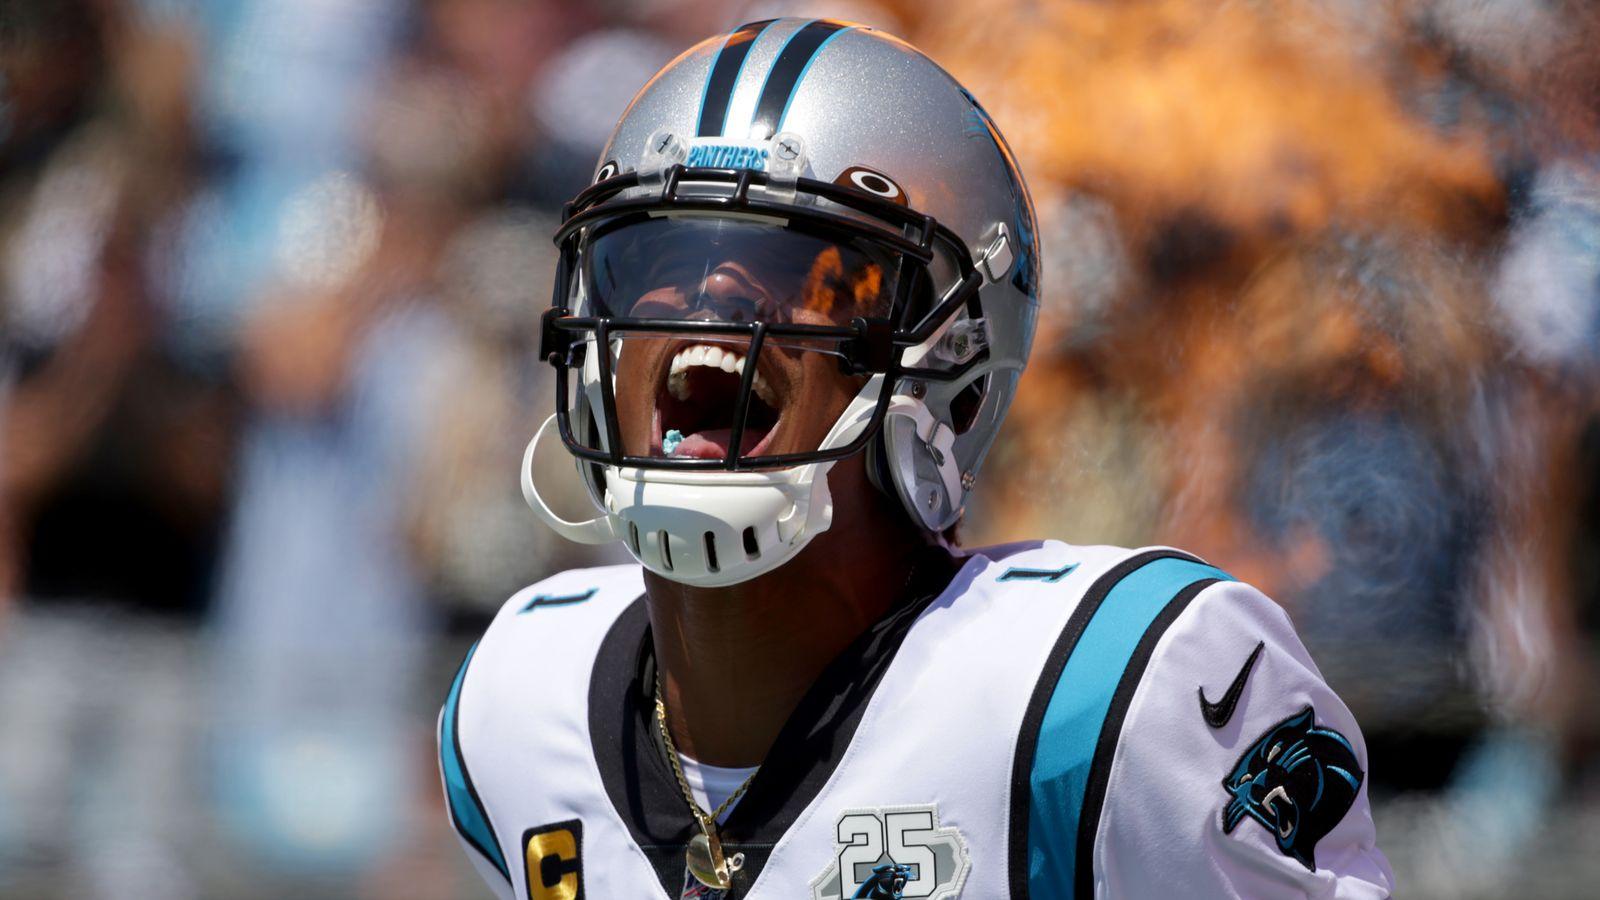 Jeff Reinebold: la gran personalidad de Cam Newton es un factor en su búsqueda de un nuevo equipo | Noticias de la NFL 6